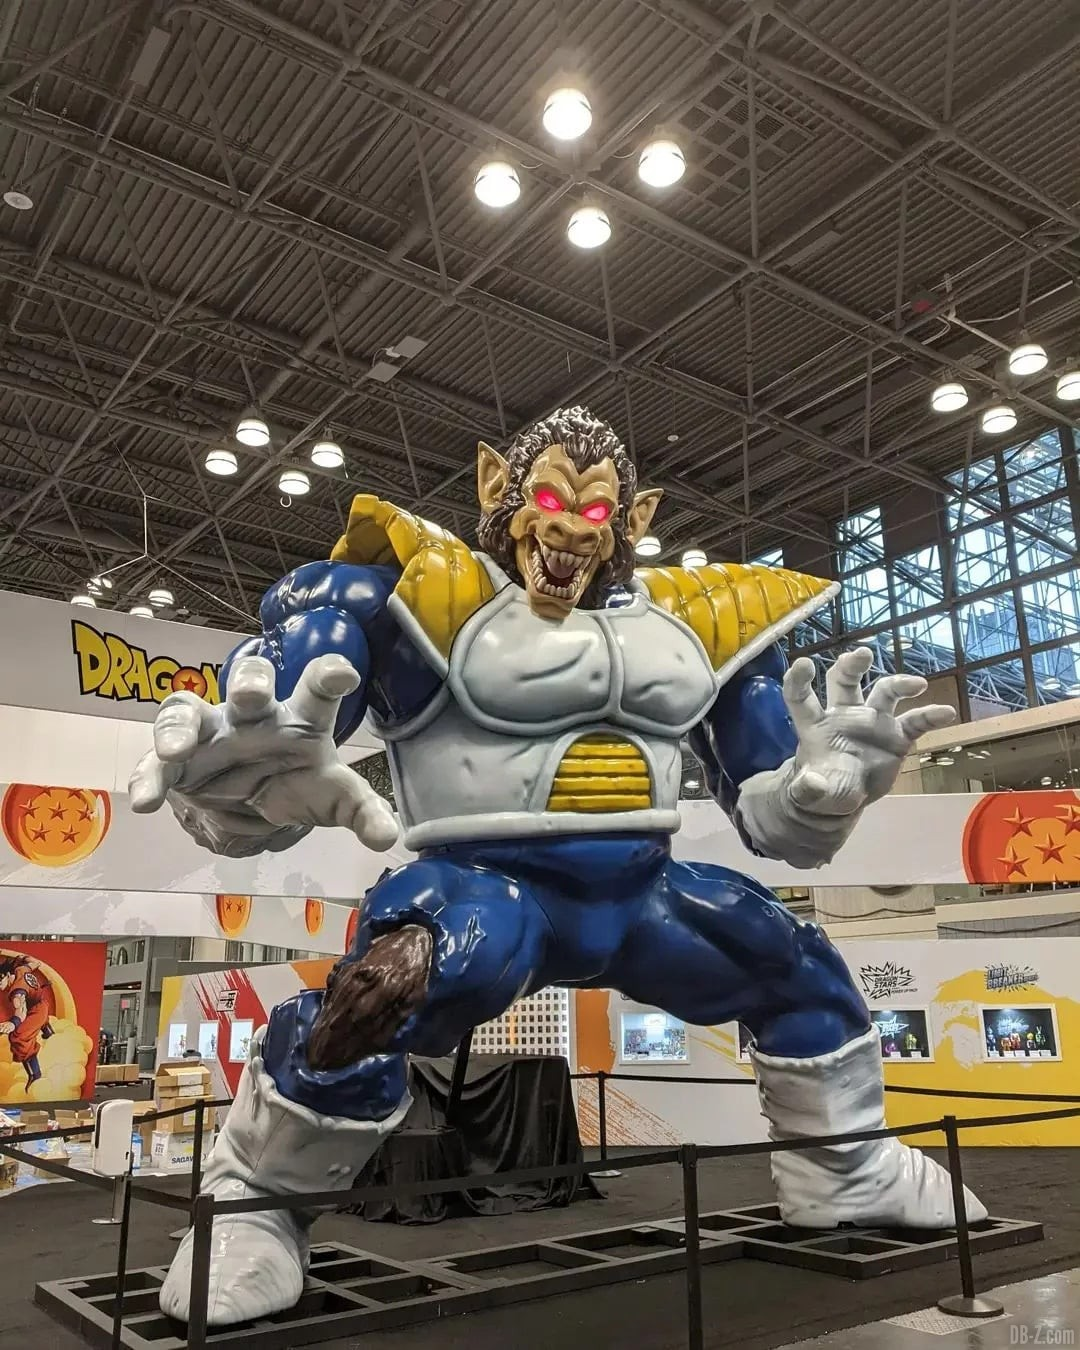 Dragon Ball Booth NYCC 2021 image 1